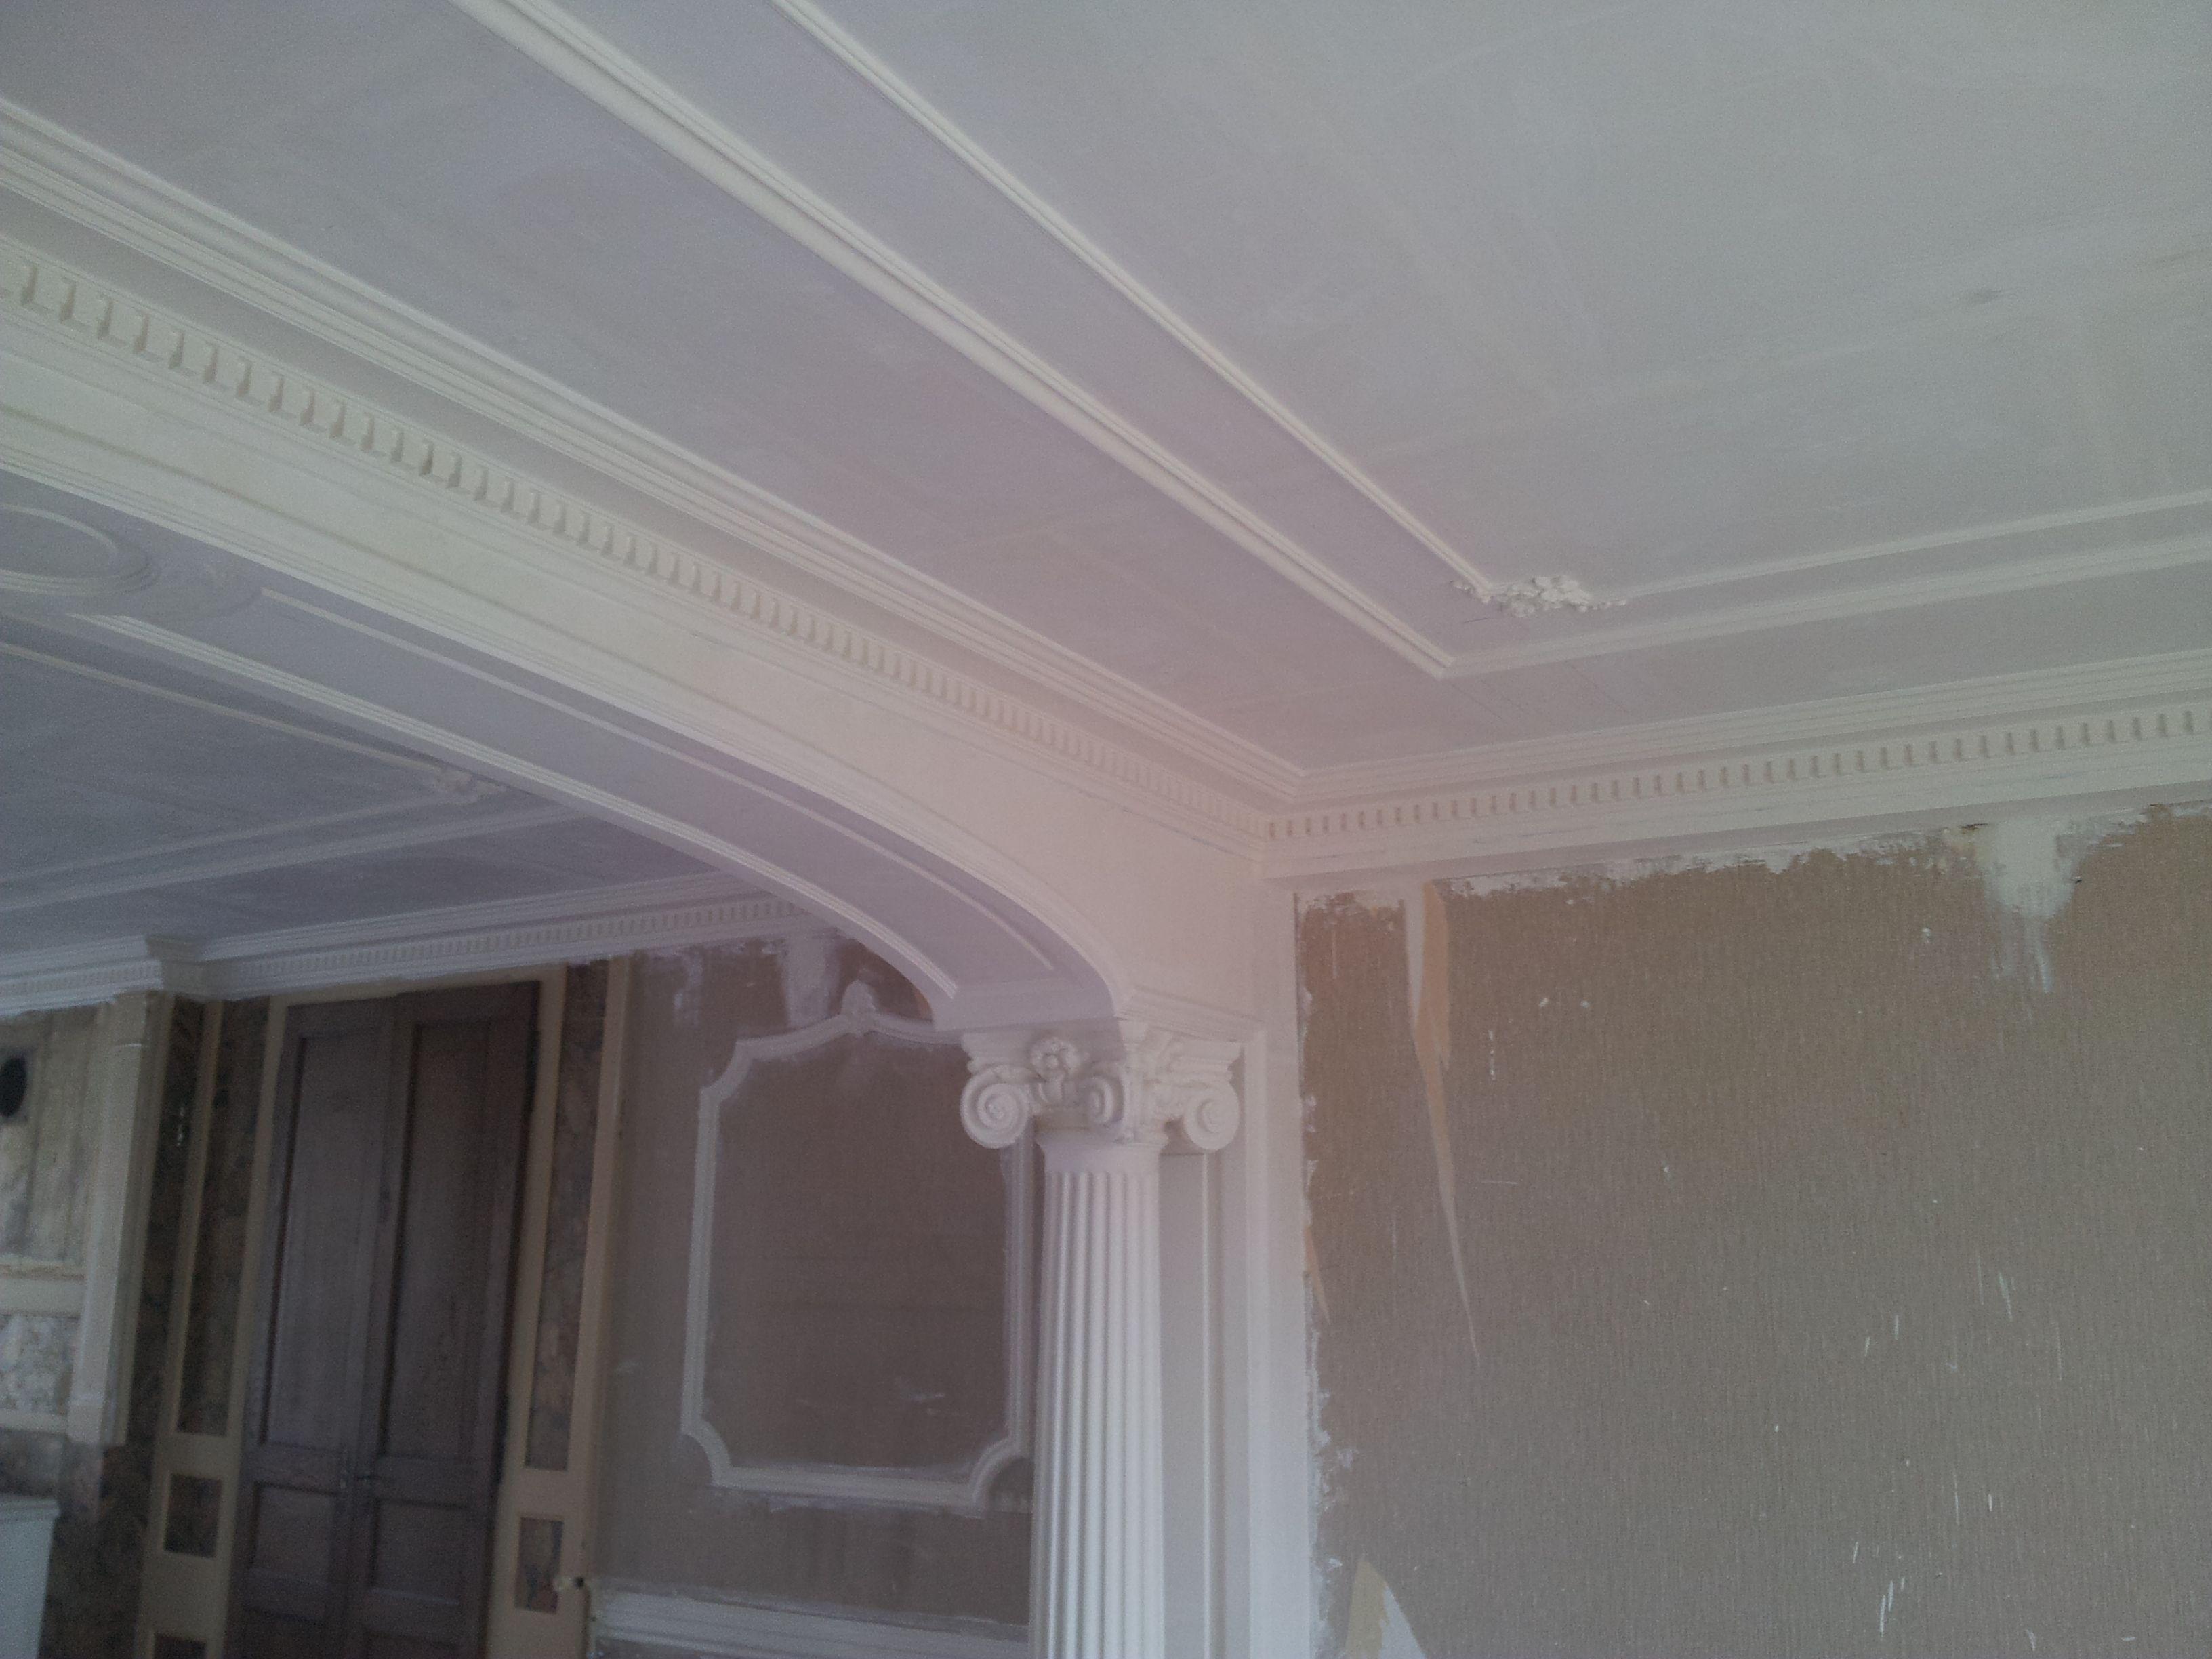 Decoration interieur a chateauroux ent idea staff pose et - Decoration plafond ...